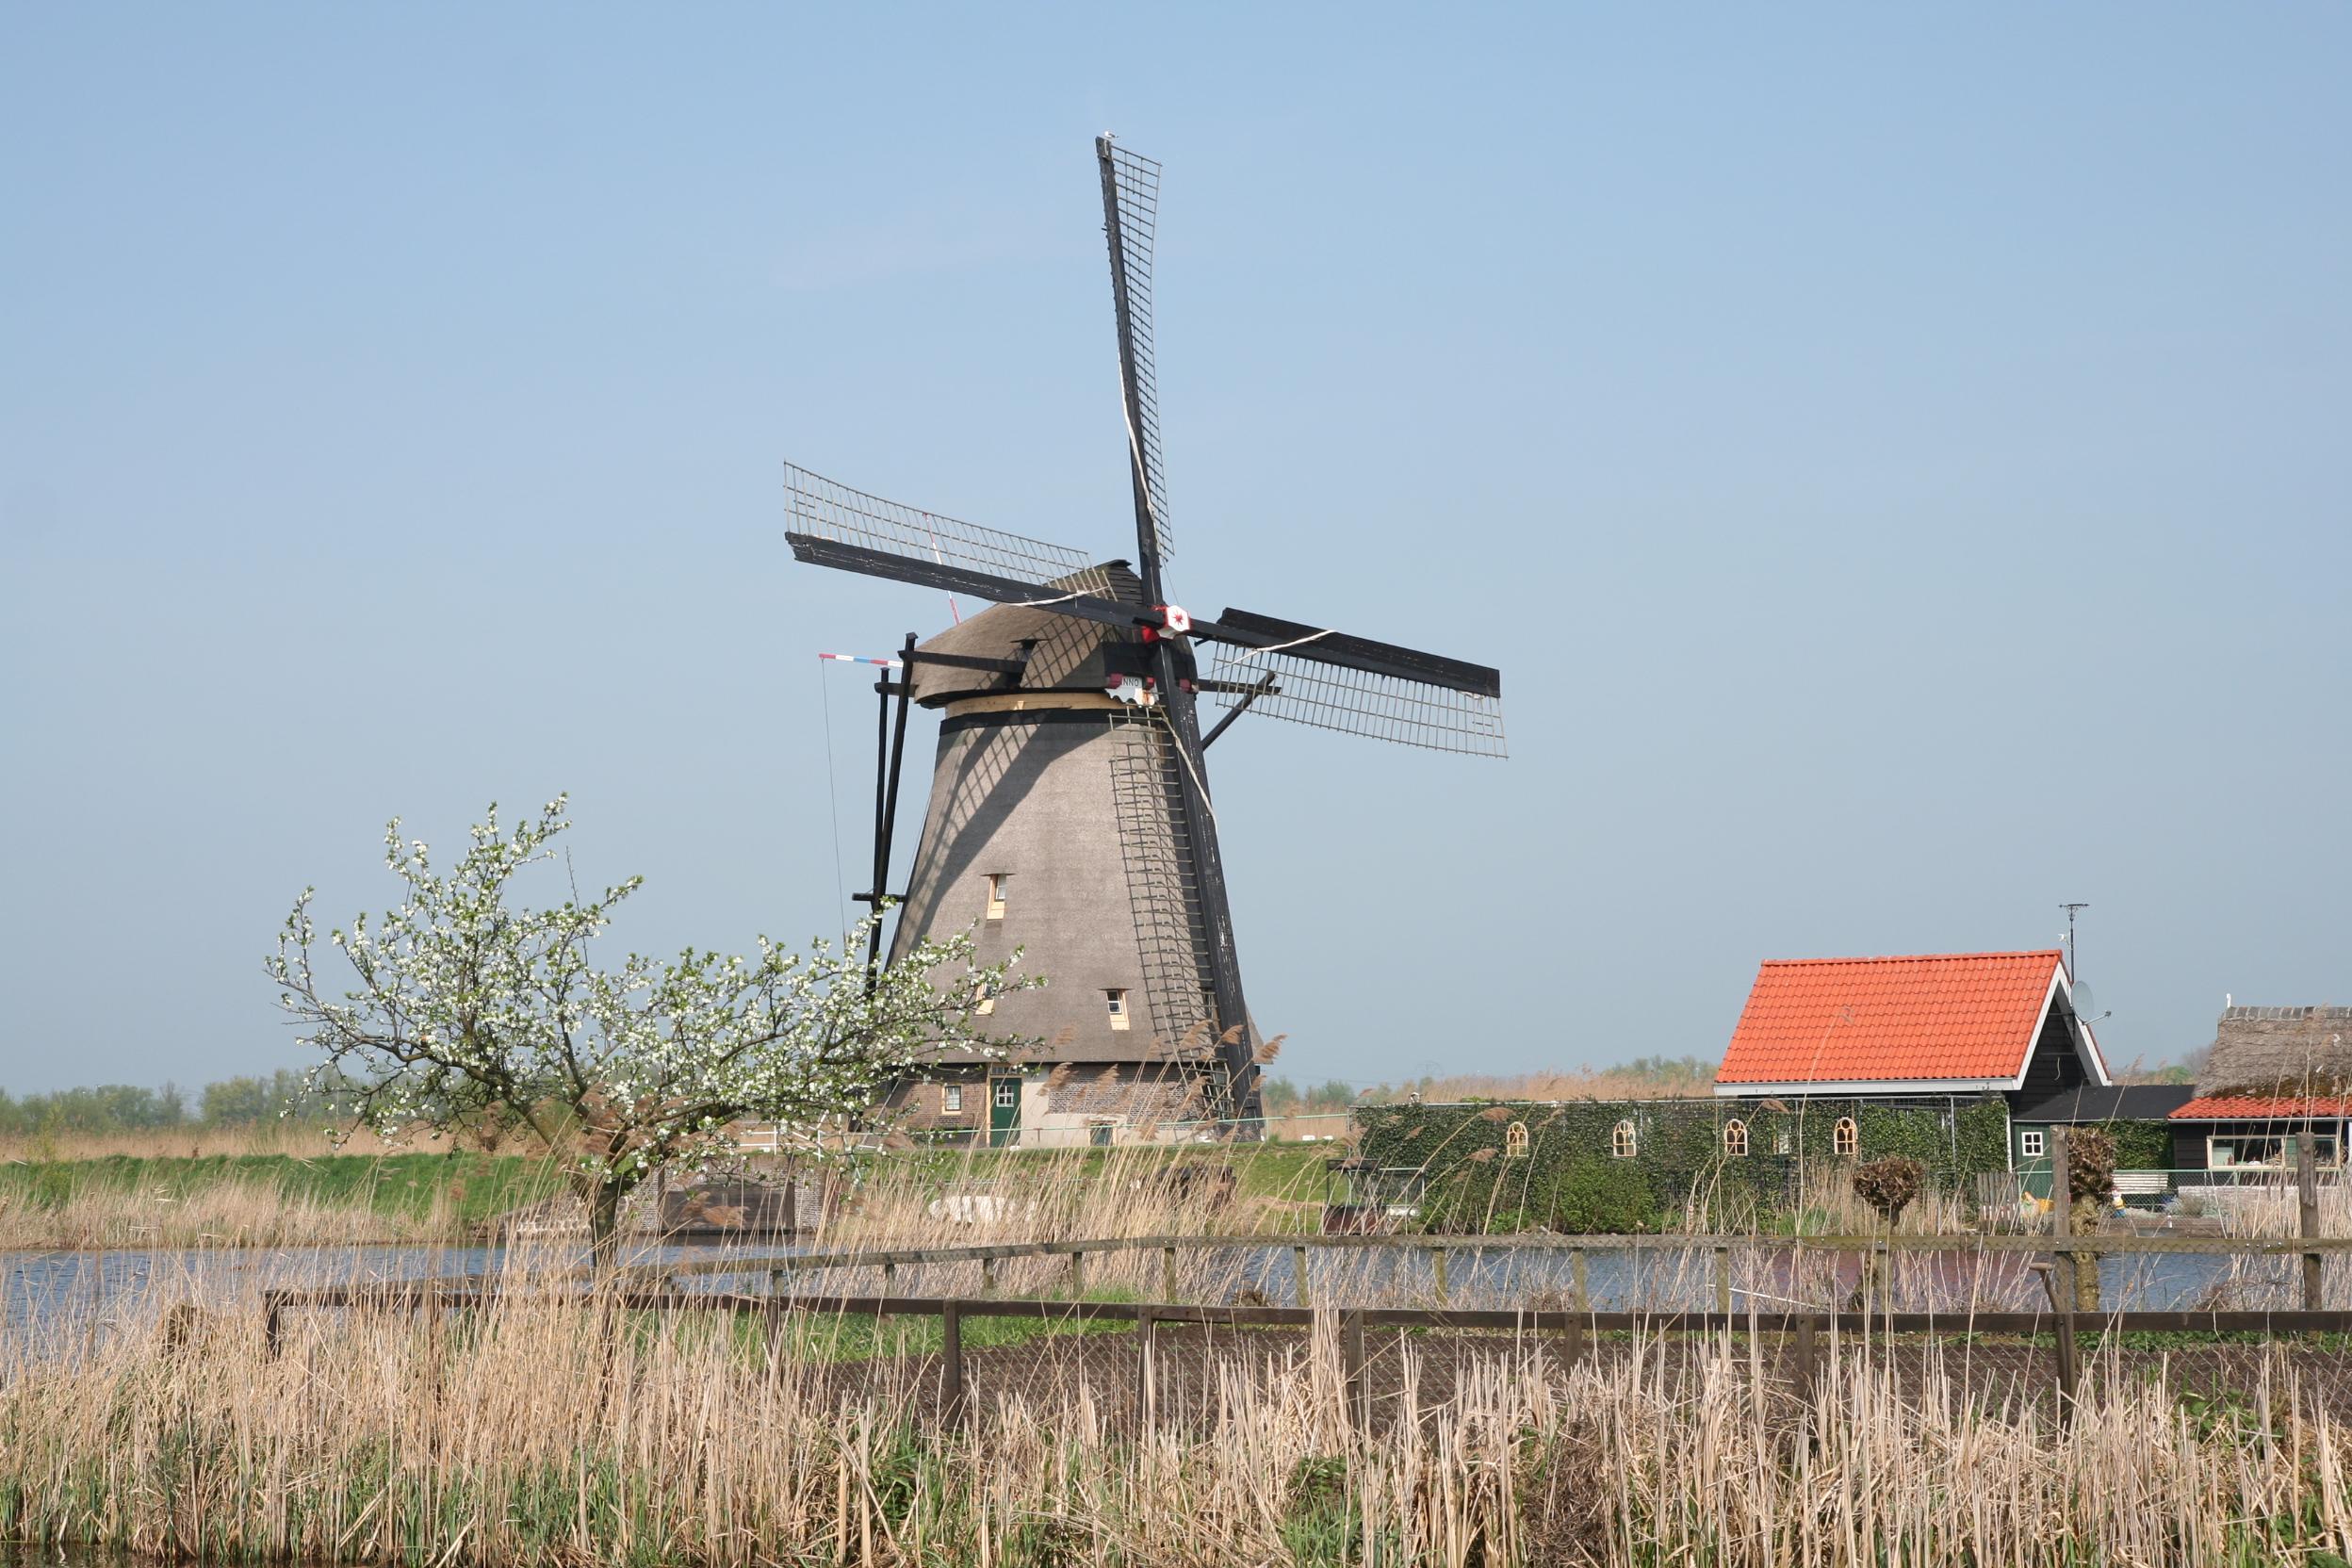 File:19 Windmills, Kinderdijk, Holland.JPG - Wikimedia Commons